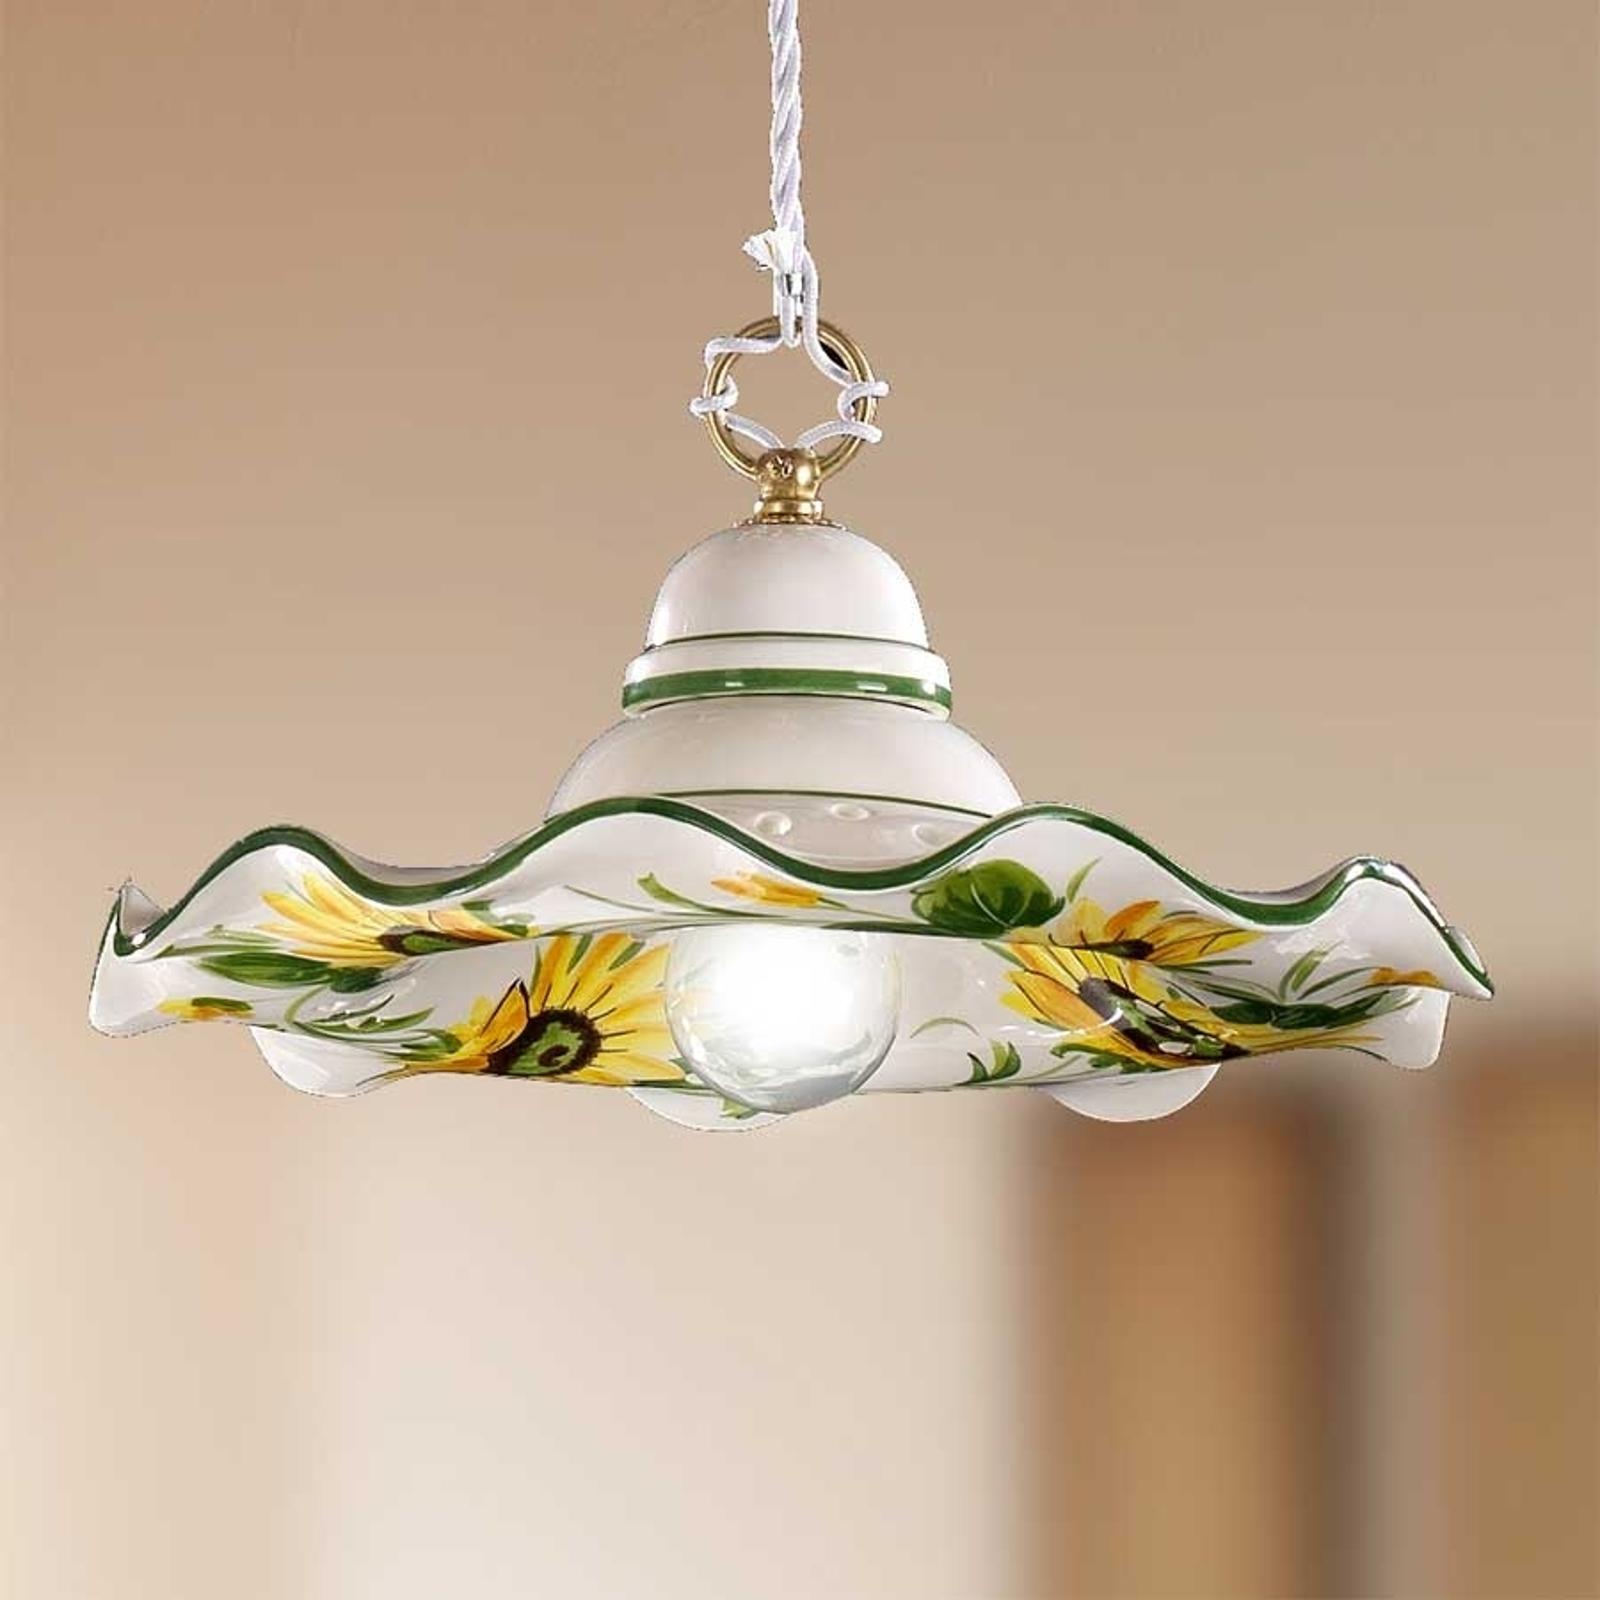 Lámpara colgante rústica GIRASOLA 32 cm